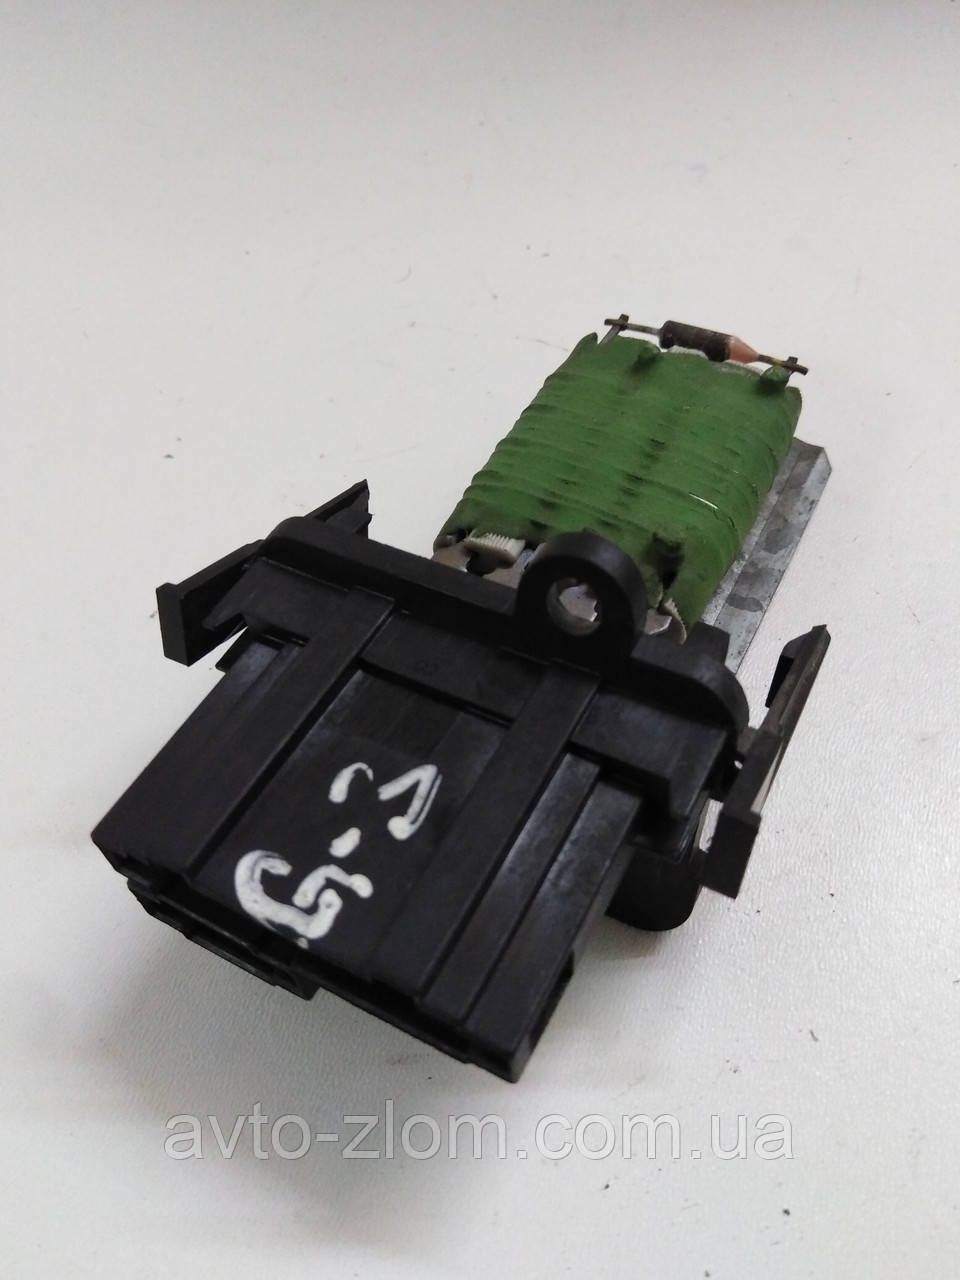 Реостат, резистор печки Volkswagen Golf 3, Vento, Гольф 3, Венто. 1H0959263.